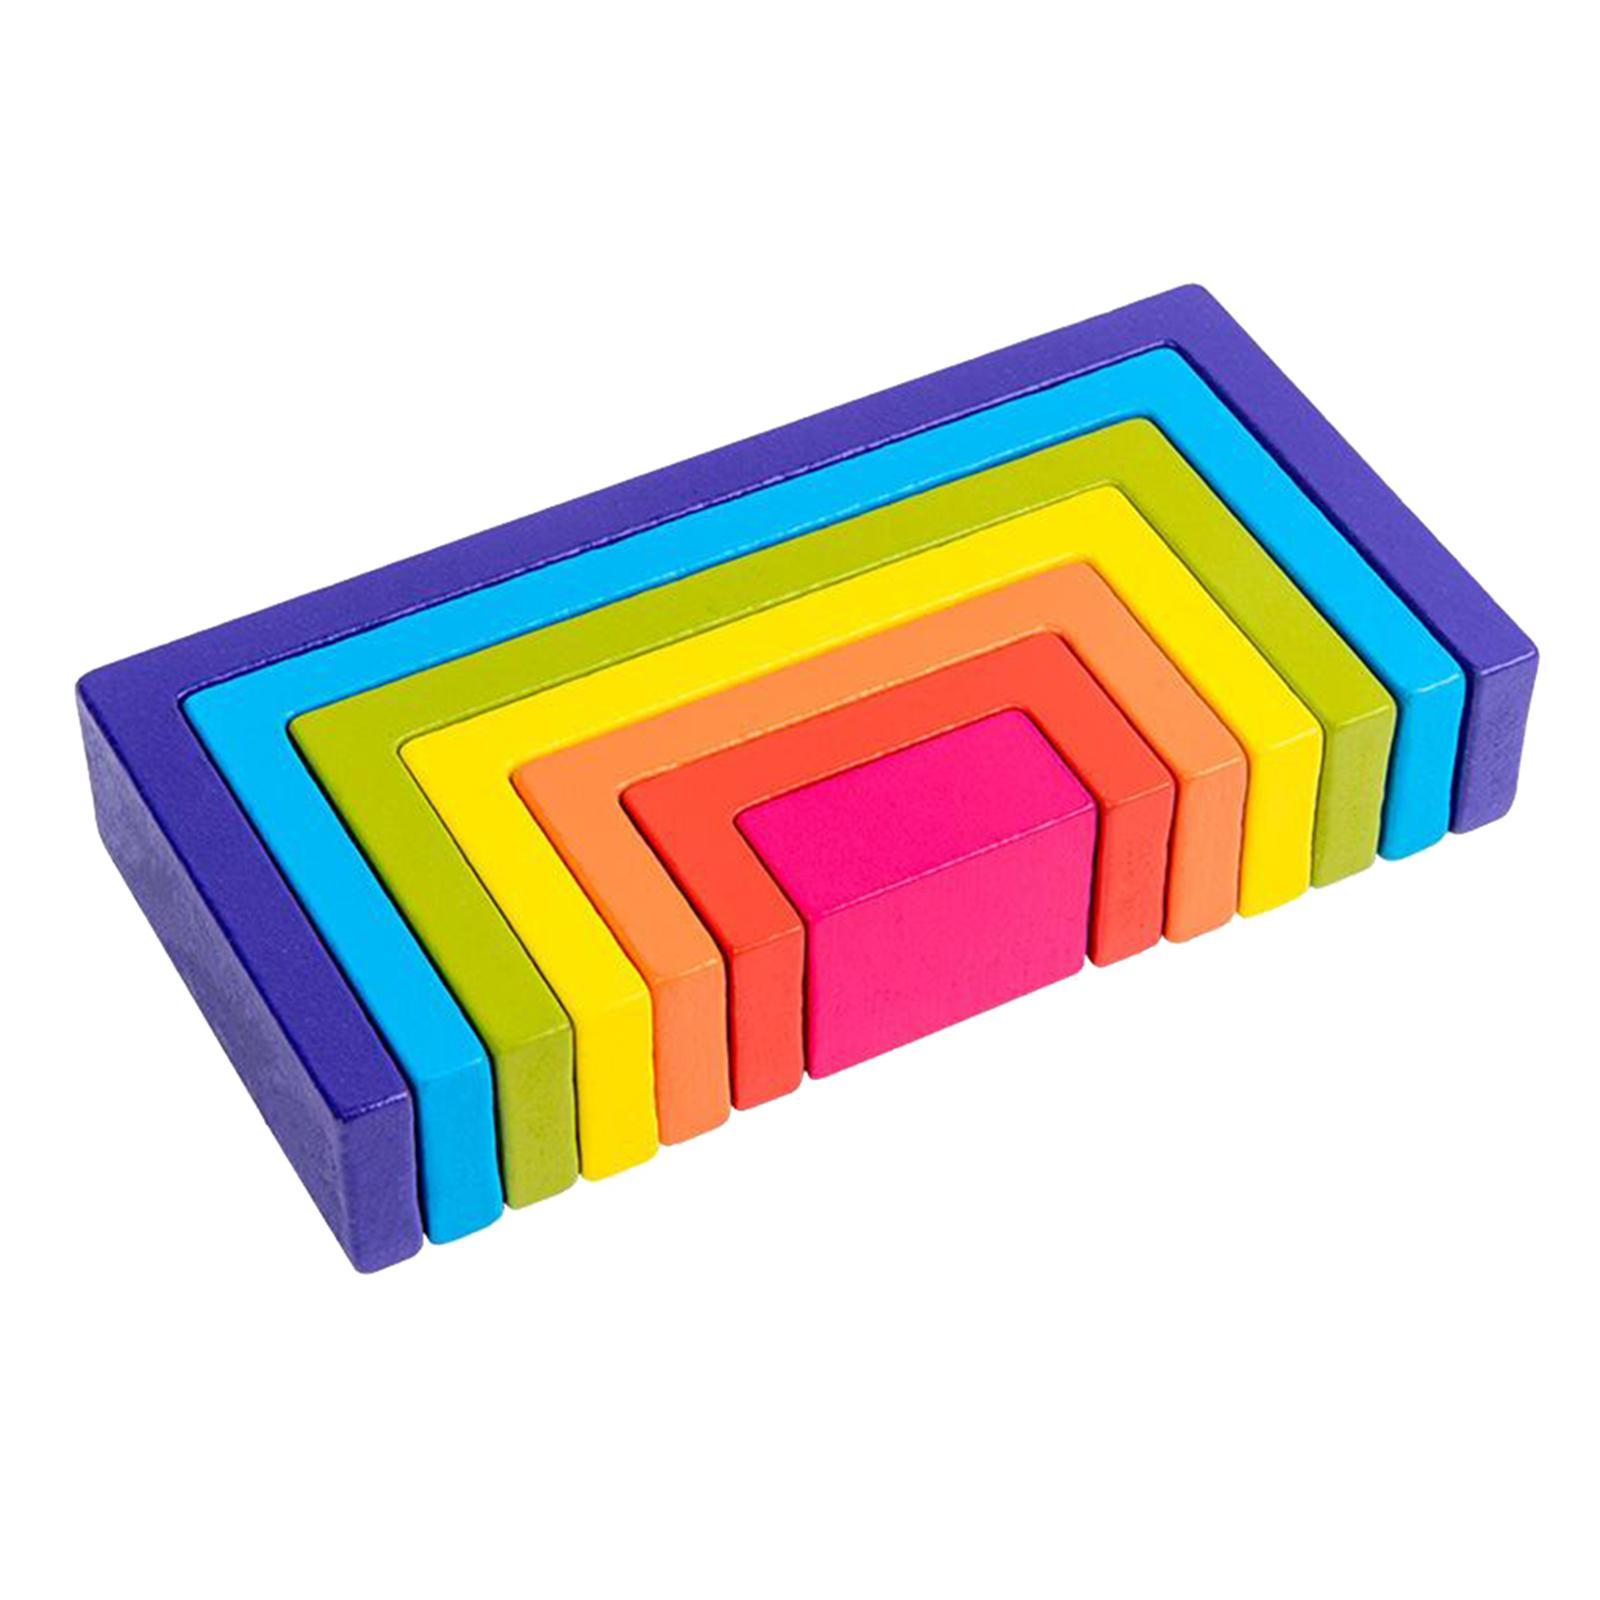 Blocchi-di-costruzione-giocattoli-per-bambini-in-legno-blocchi-di-nidificazione miniatura 6